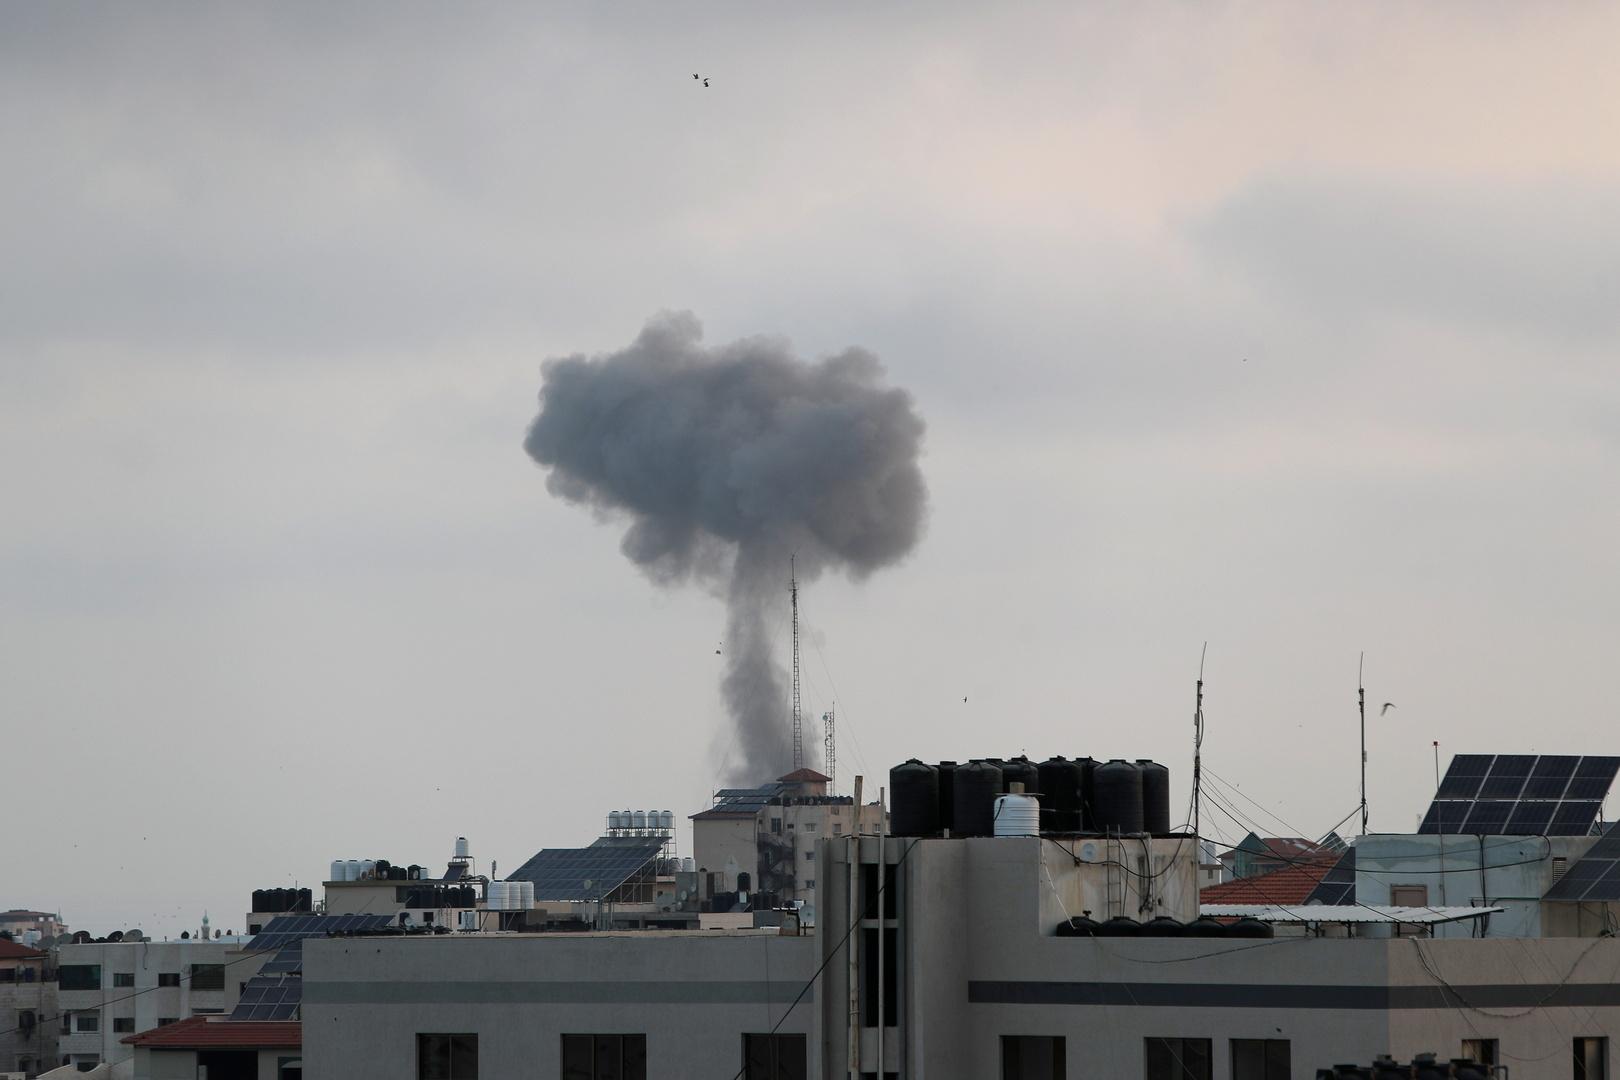 كتائب القسام تعلن استهداف مطار رامون بصاروخ ذي قوة تدميرية